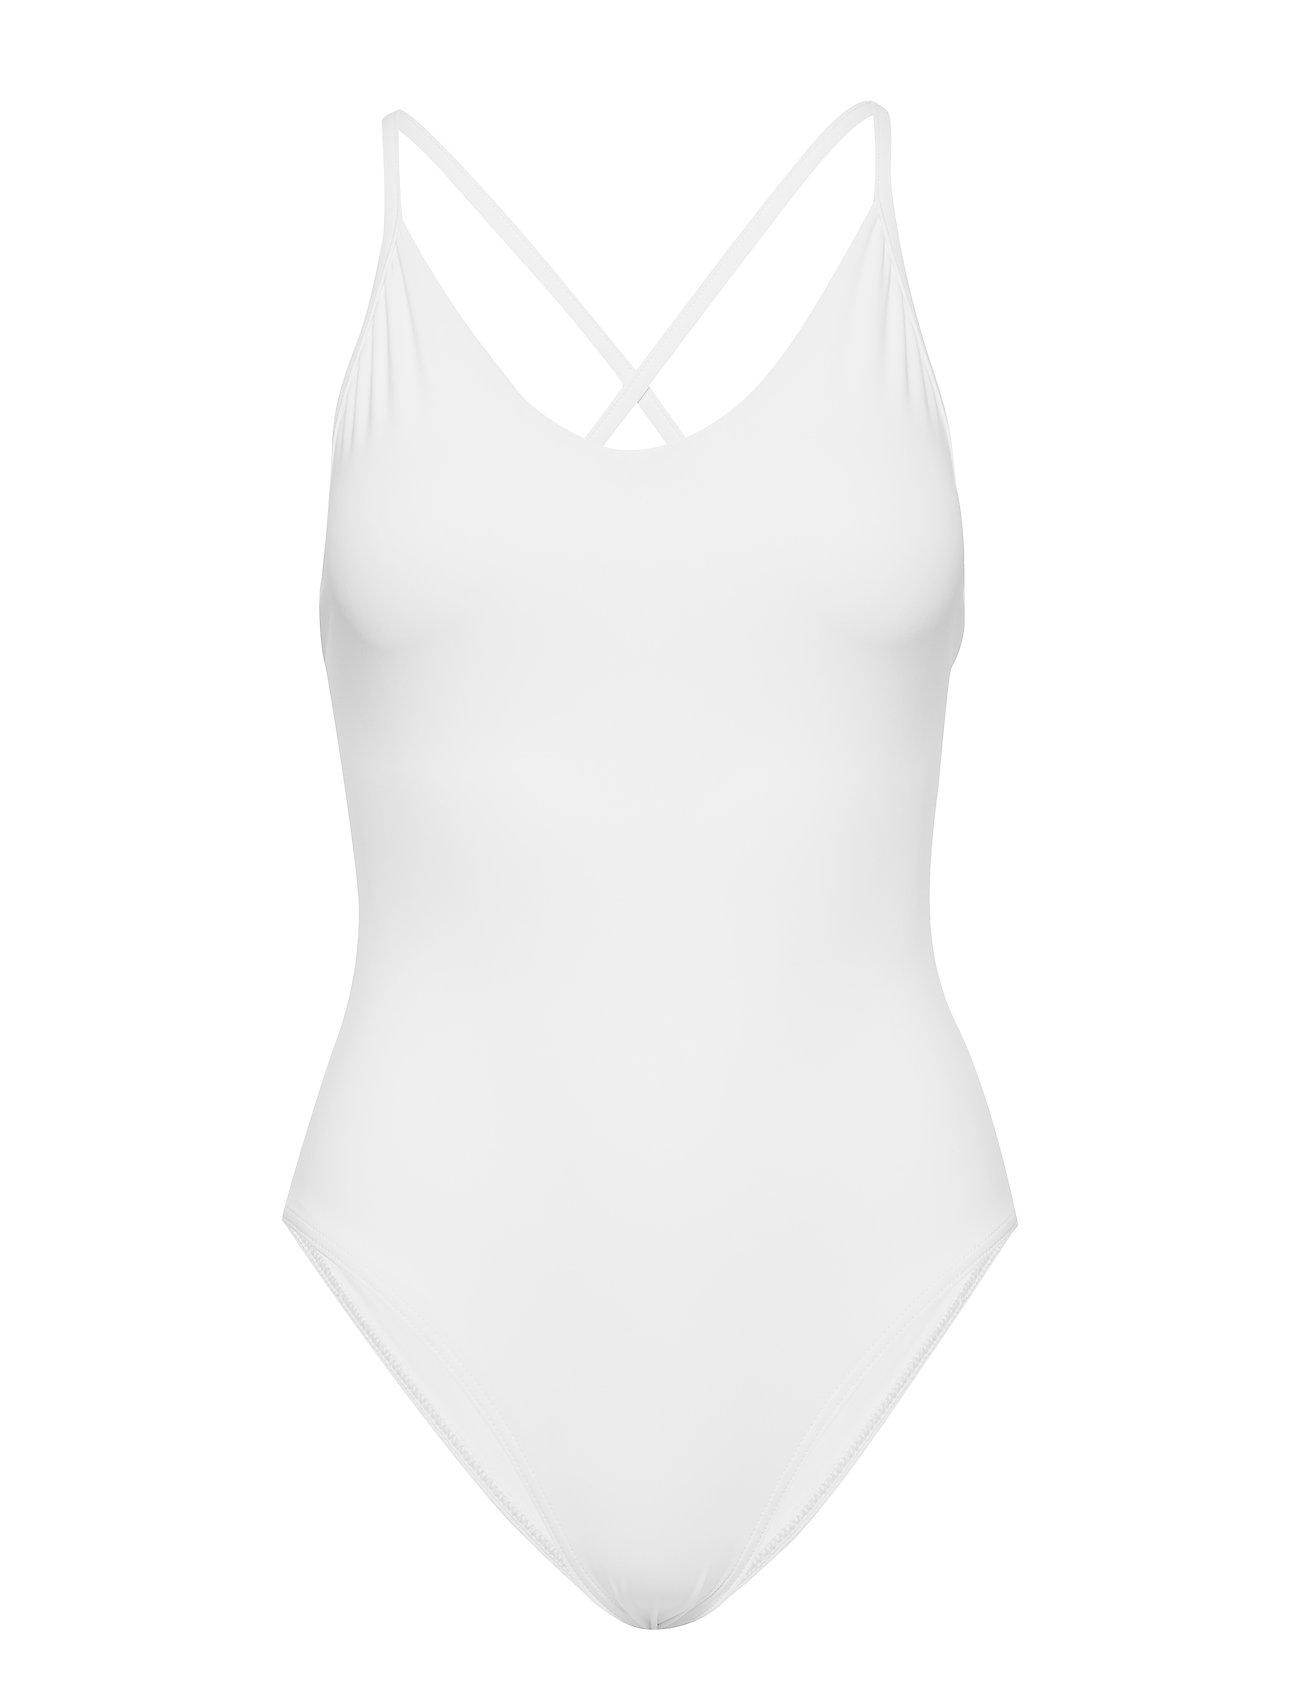 Filippa K Soft Sport Cross-back Swimsuit - OFF WHITE